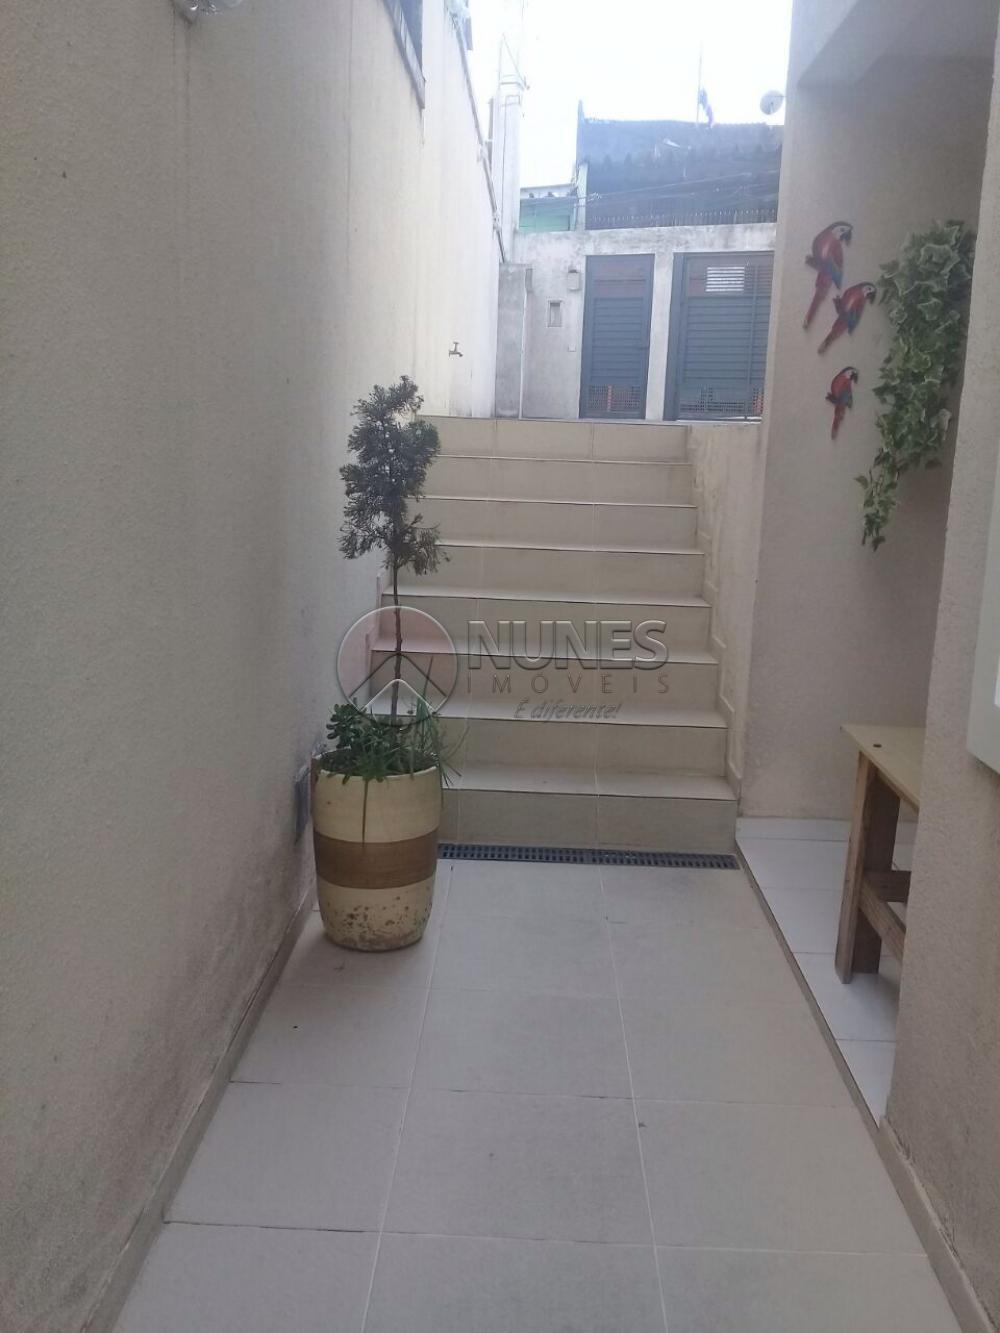 Comprar Casa / Sobrado em Condominio em Osasco apenas R$ 250.000,00 - Foto 3